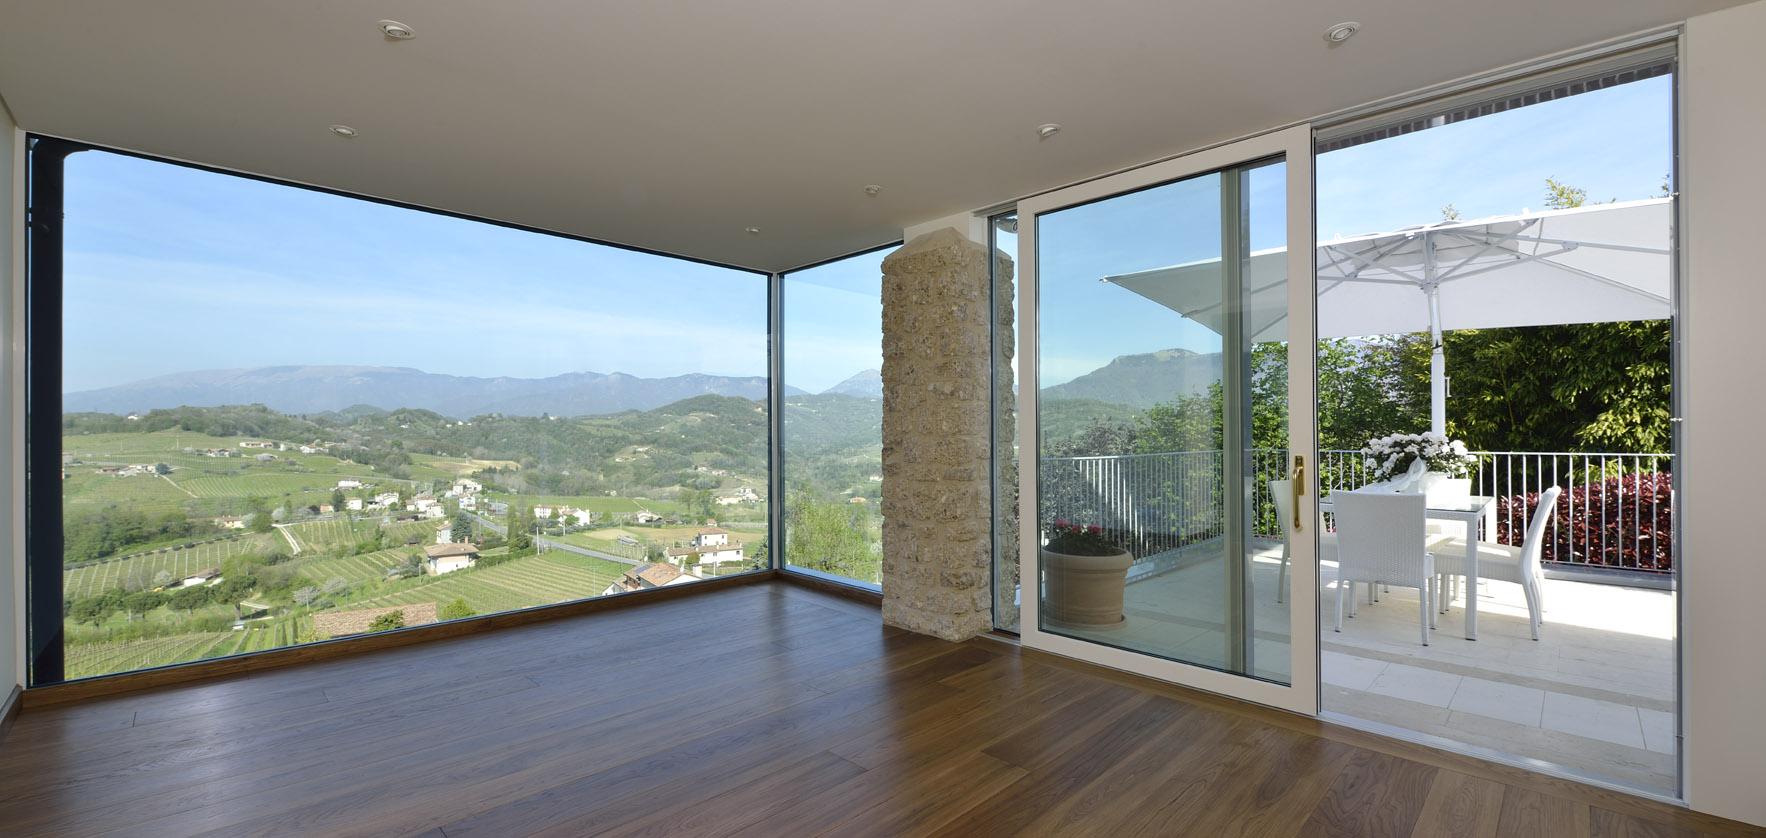 Serramenti in alluminio legno finestra design for Porta finestra alluminio prezzo